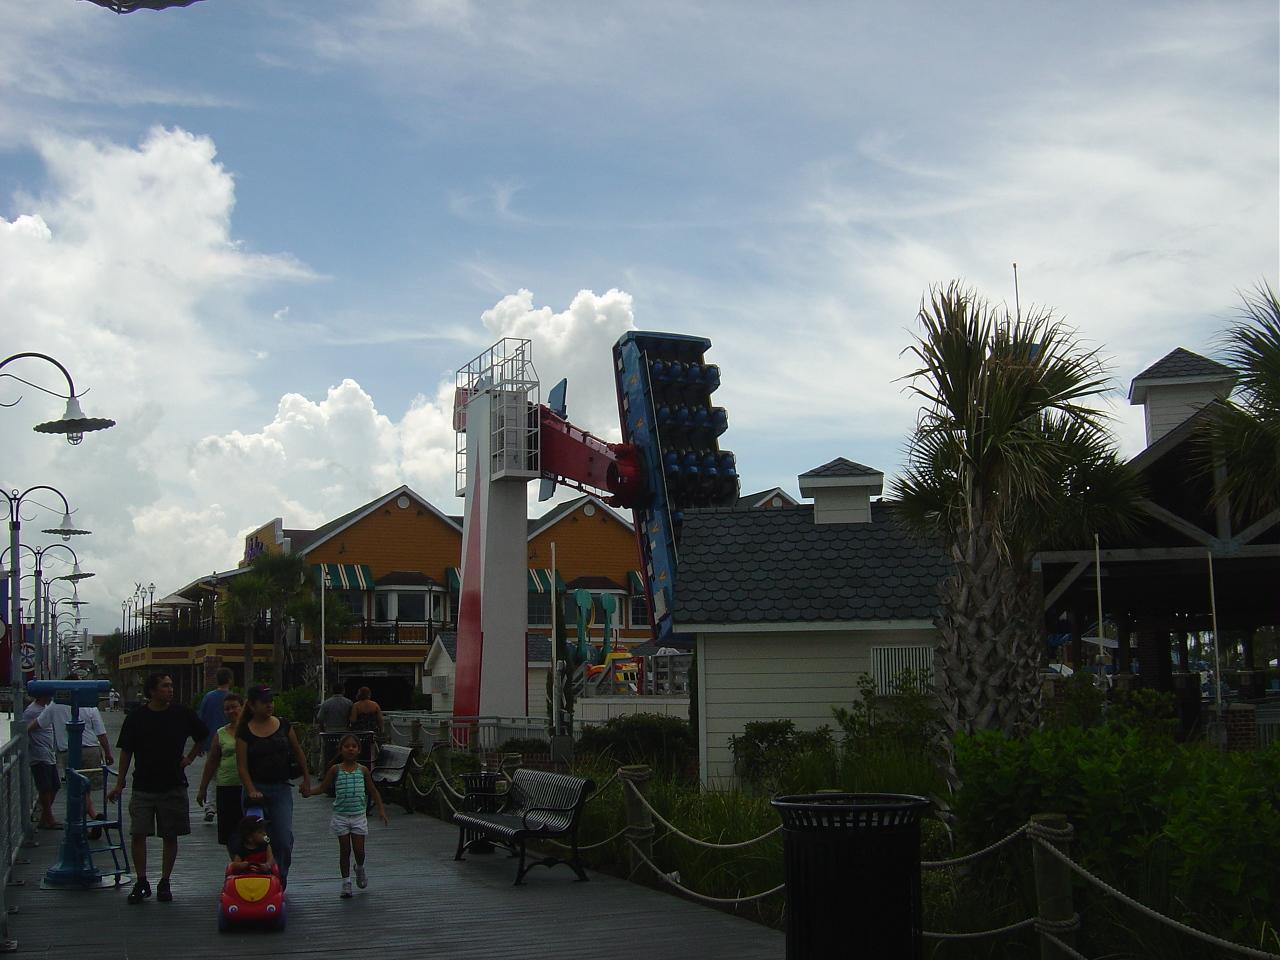 Kemah Boardwalk Texas Photo 558002 Fanpop : Kemah Boardwalk texas 5580021280960 from www.fanpop.com size 1280 x 960 jpeg 582kB